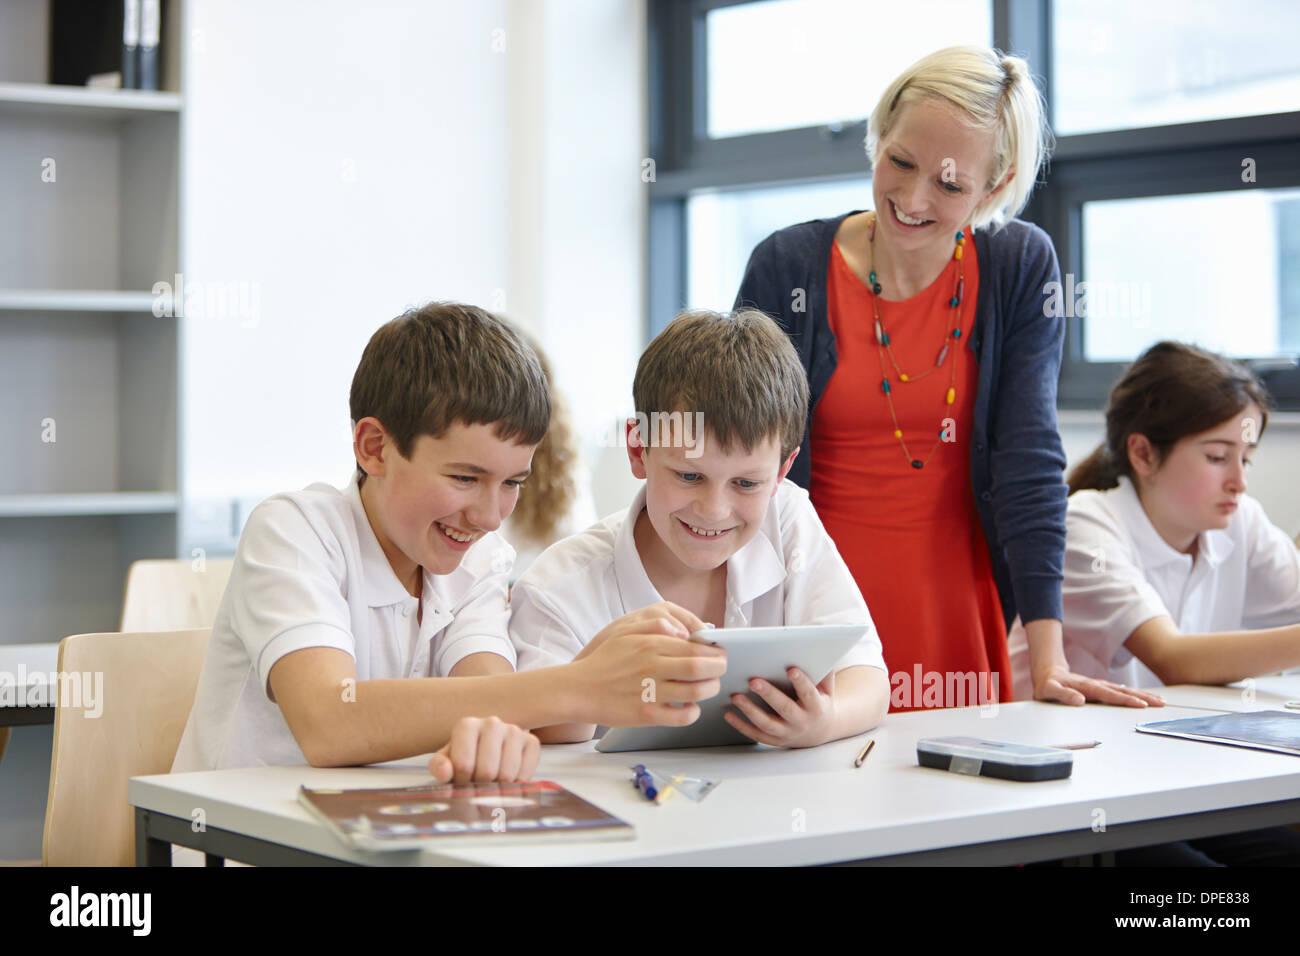 Schülerinnen und Schüler arbeiten im Unterricht mit Lehrer Stockfoto